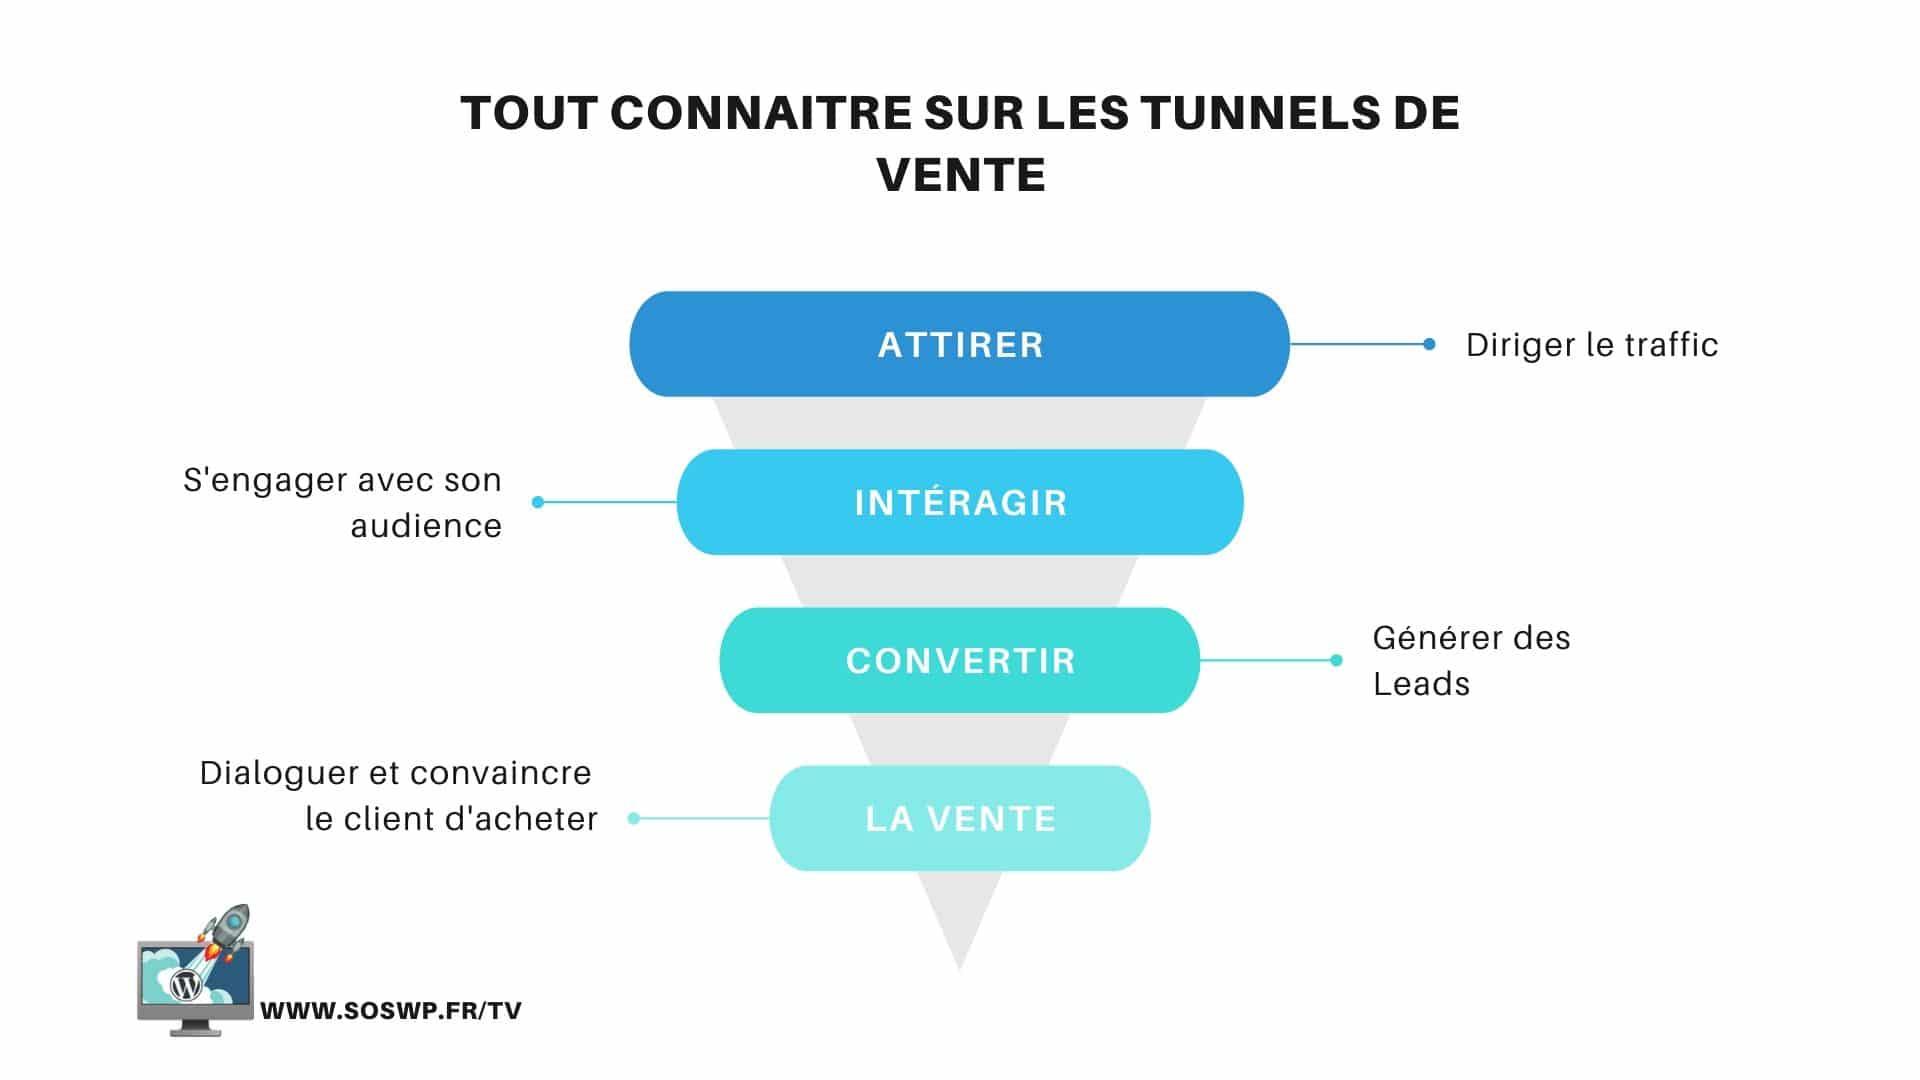 Tout Connaitre Sur Les Tunnels De Vente